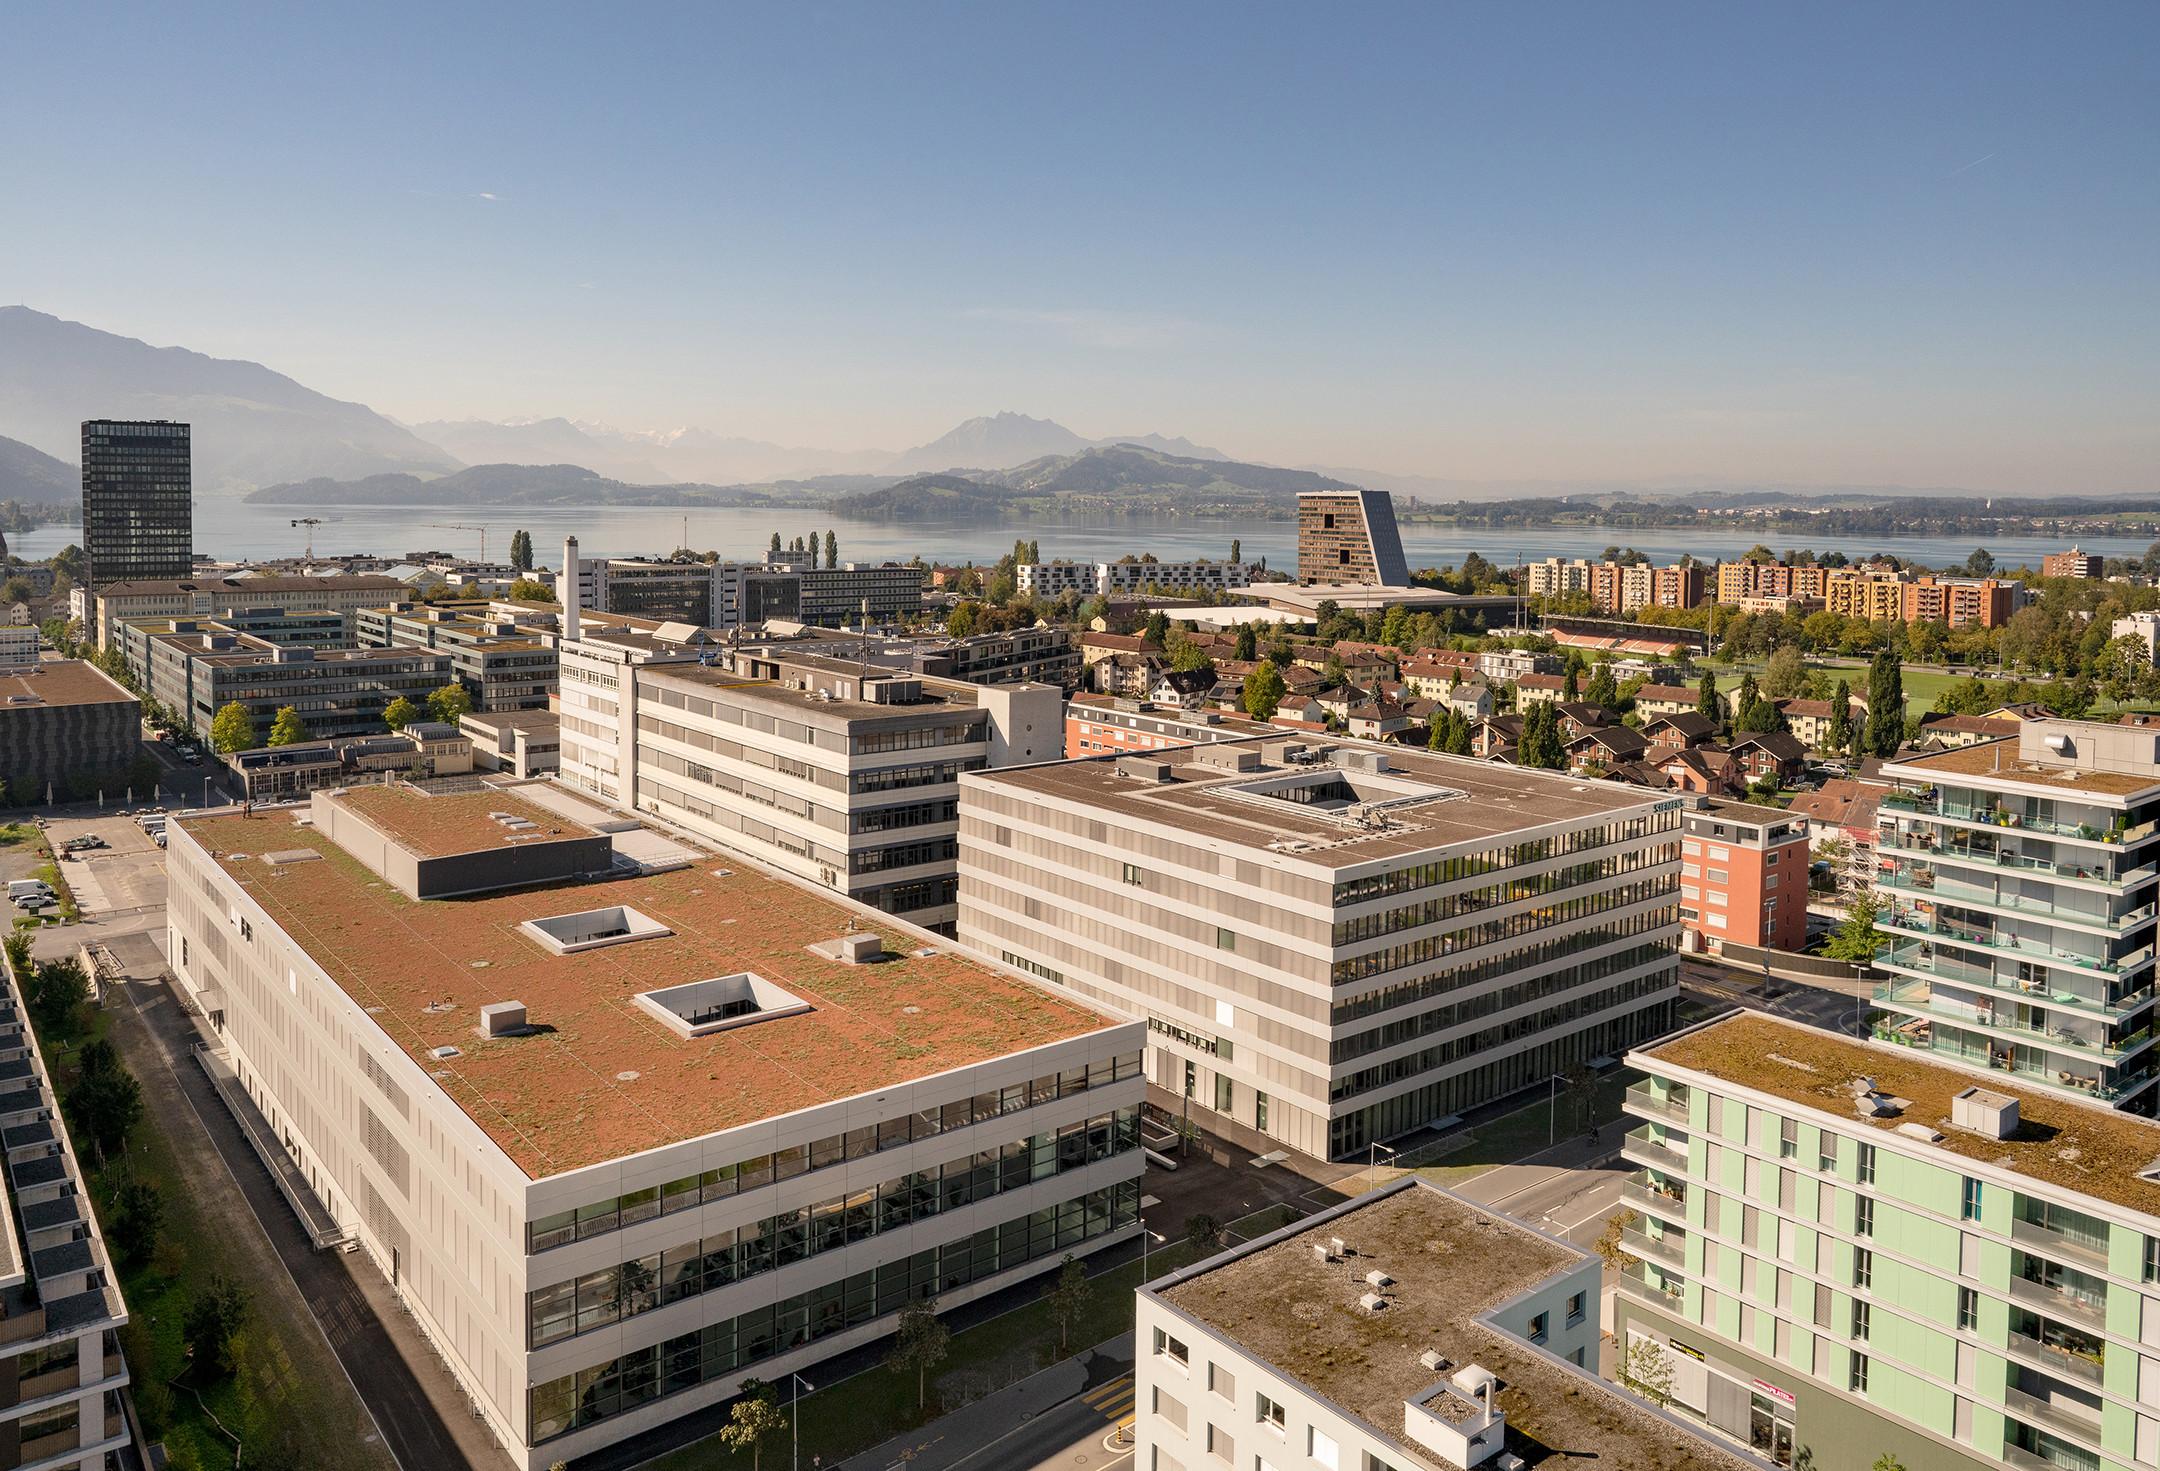 A photo of Siemens' campus in Zug, Switzerland